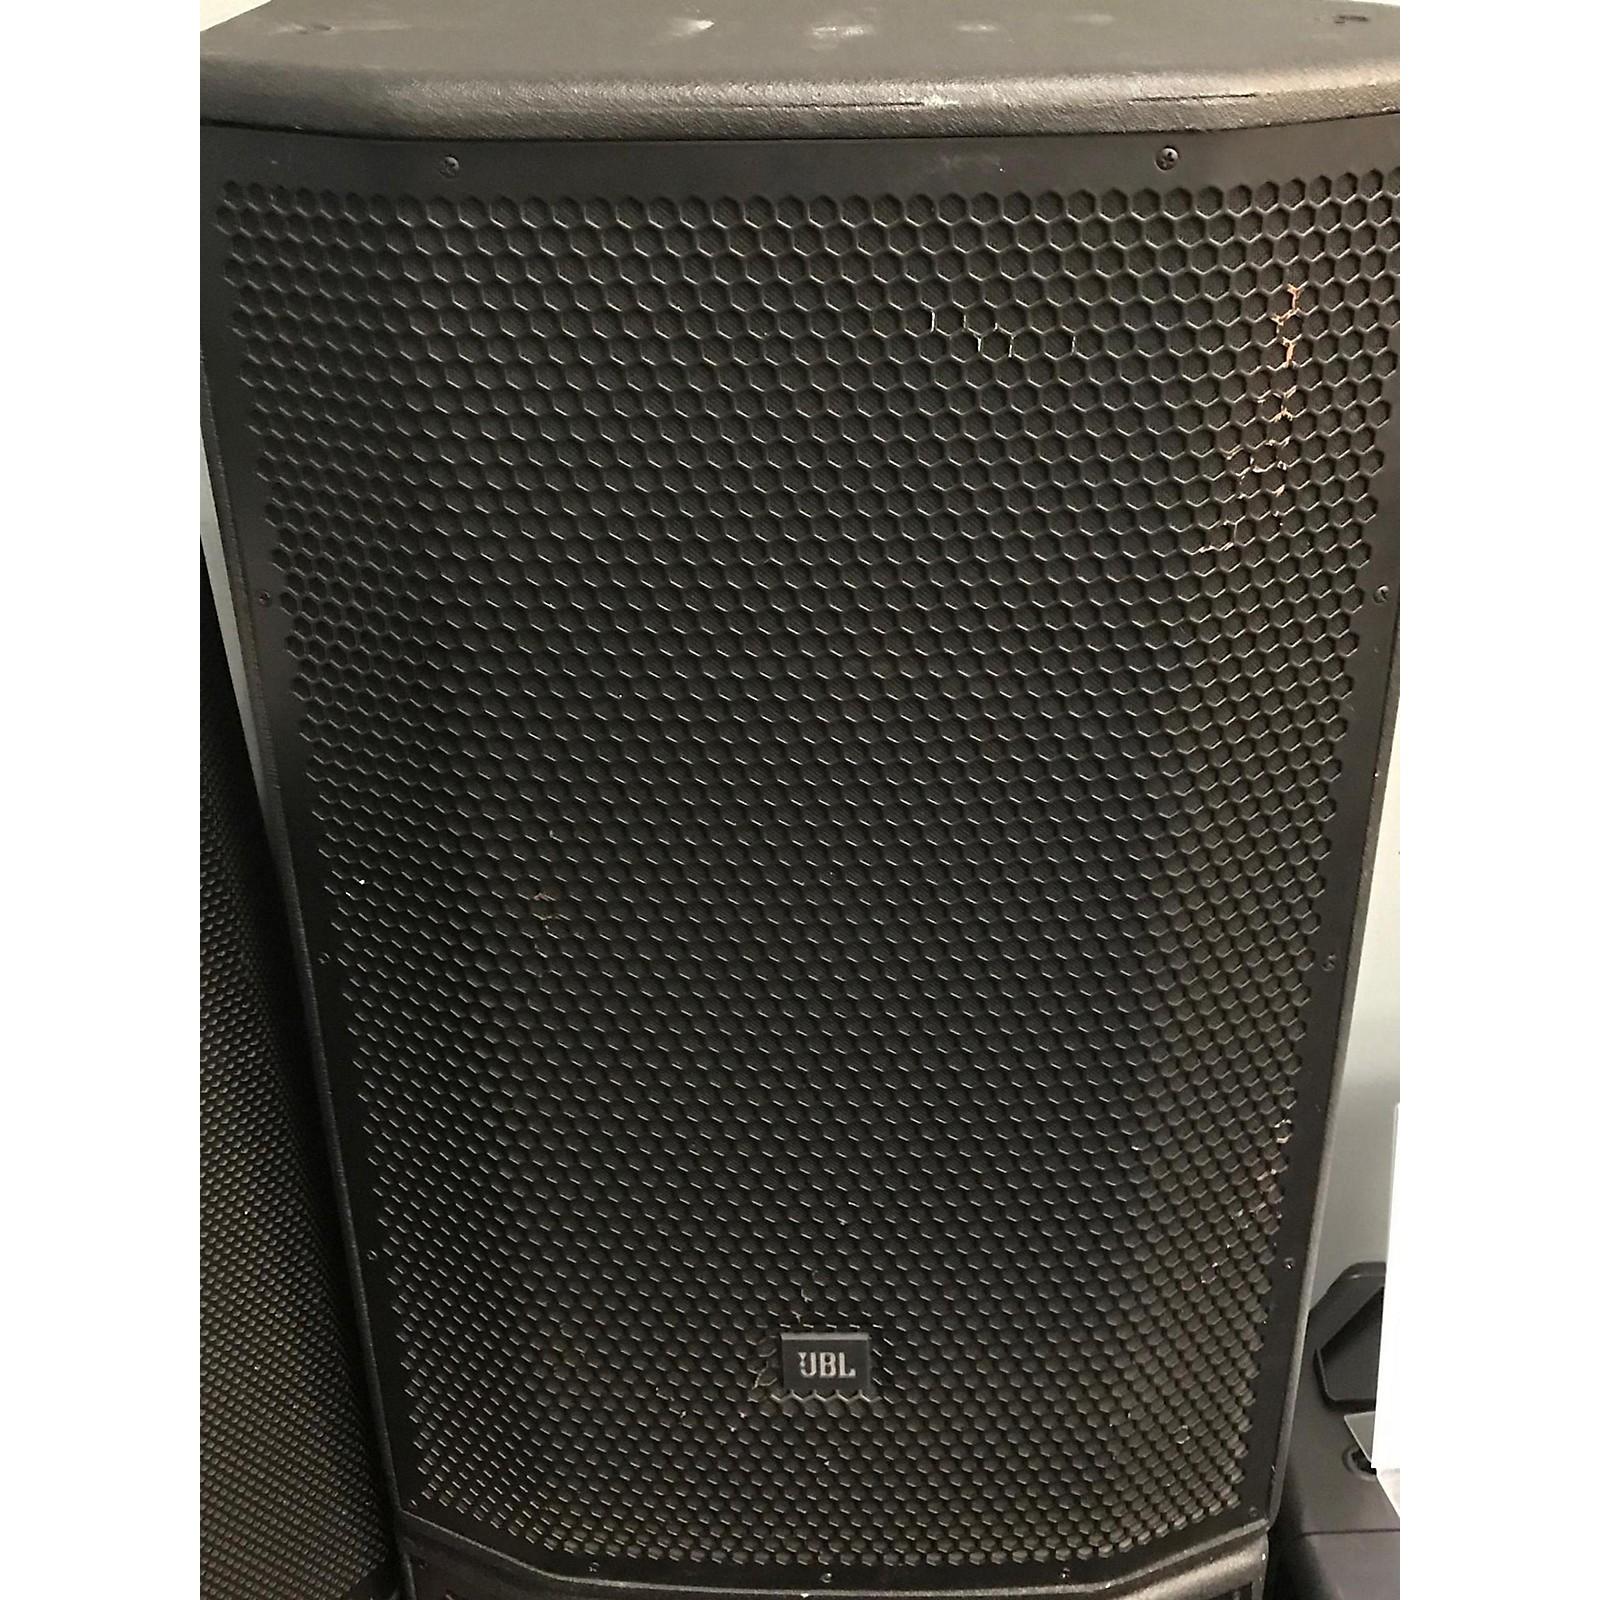 JBL JRX815W Powered Speaker